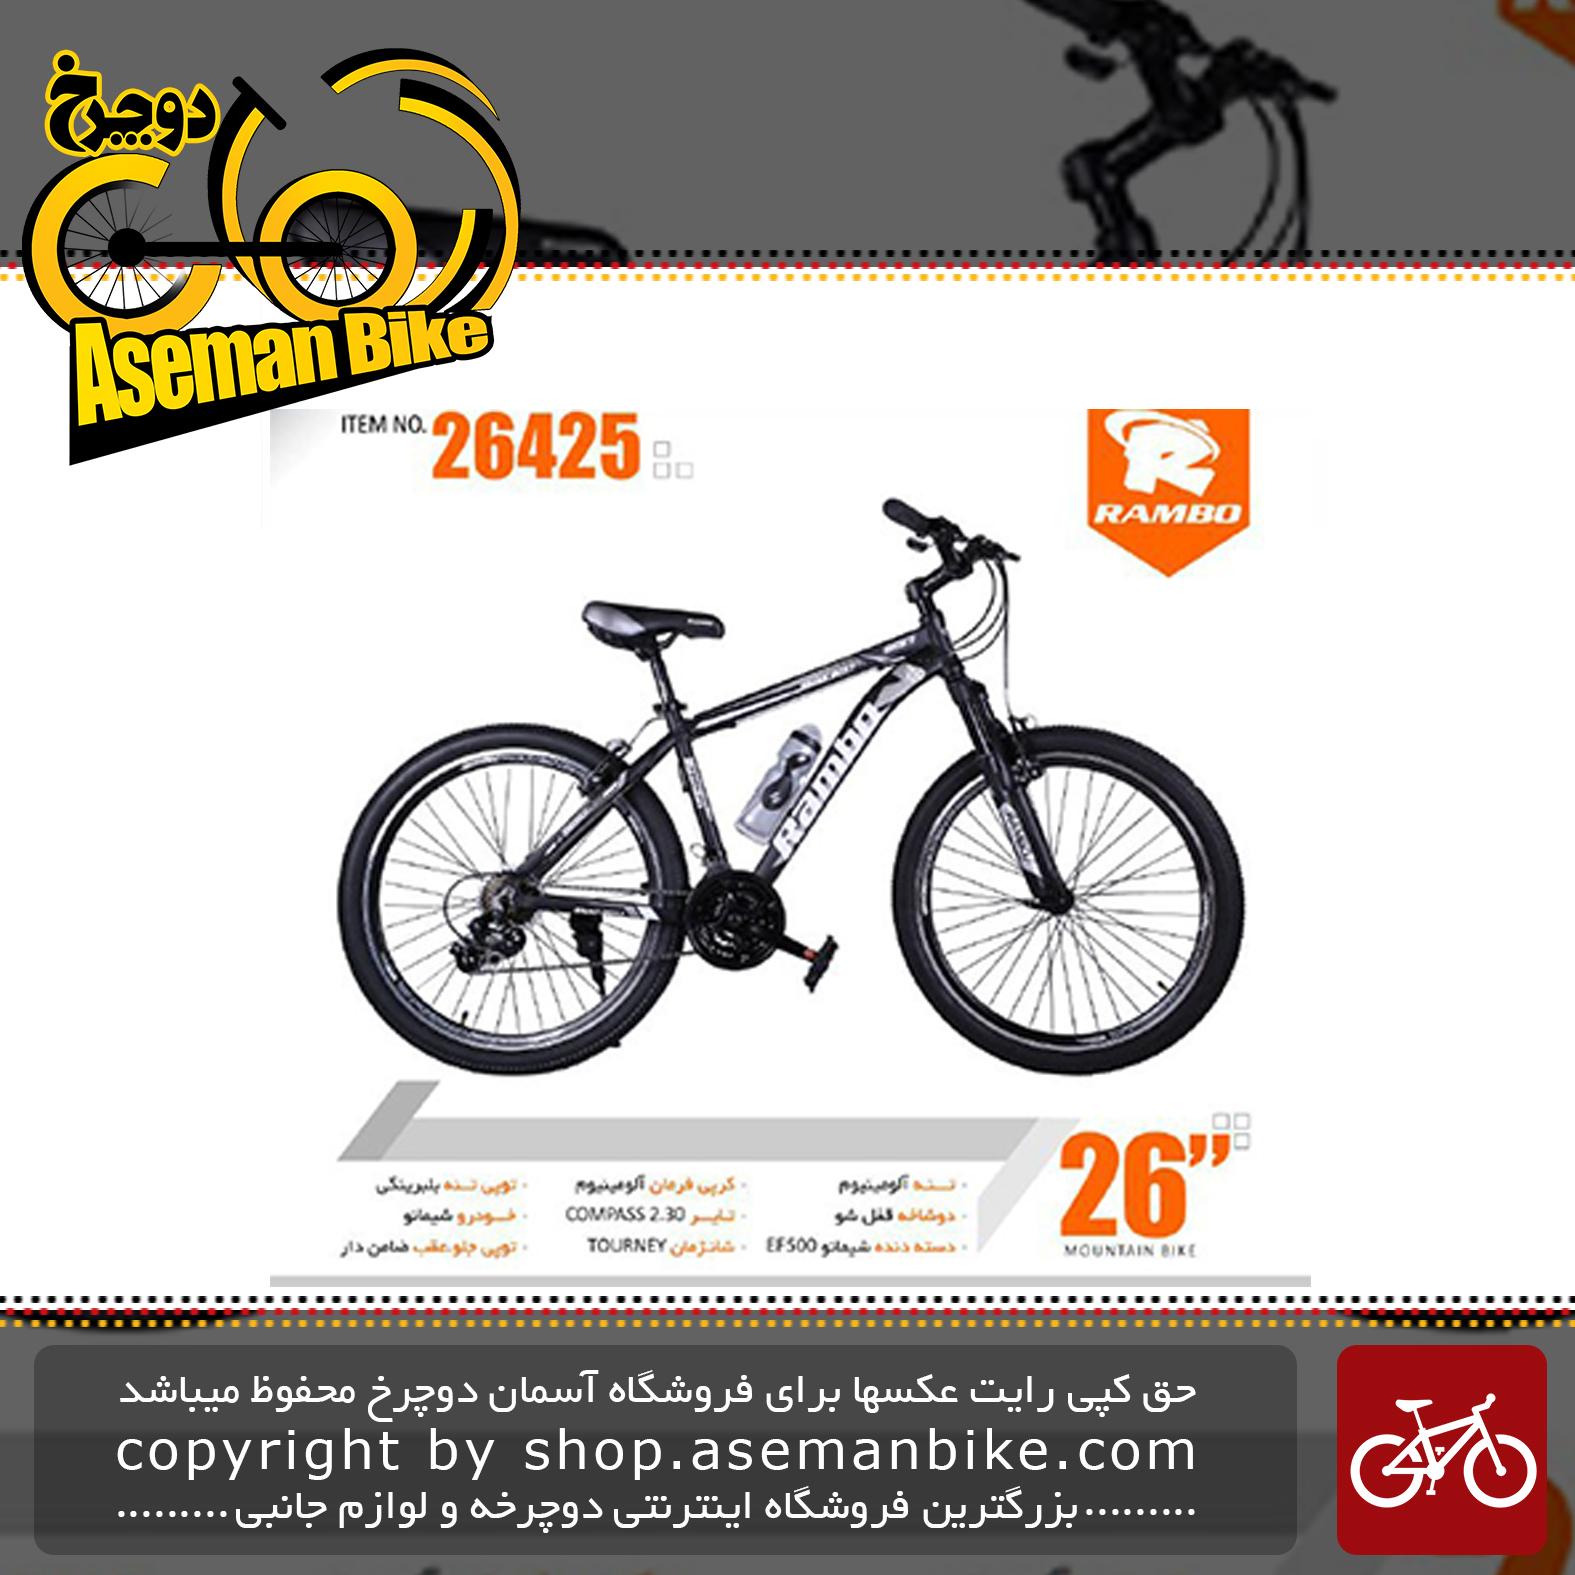 دوچرخه کوهستان رامبو سایز 26مدل اسنپRAMBO SIZE 26 SNAP